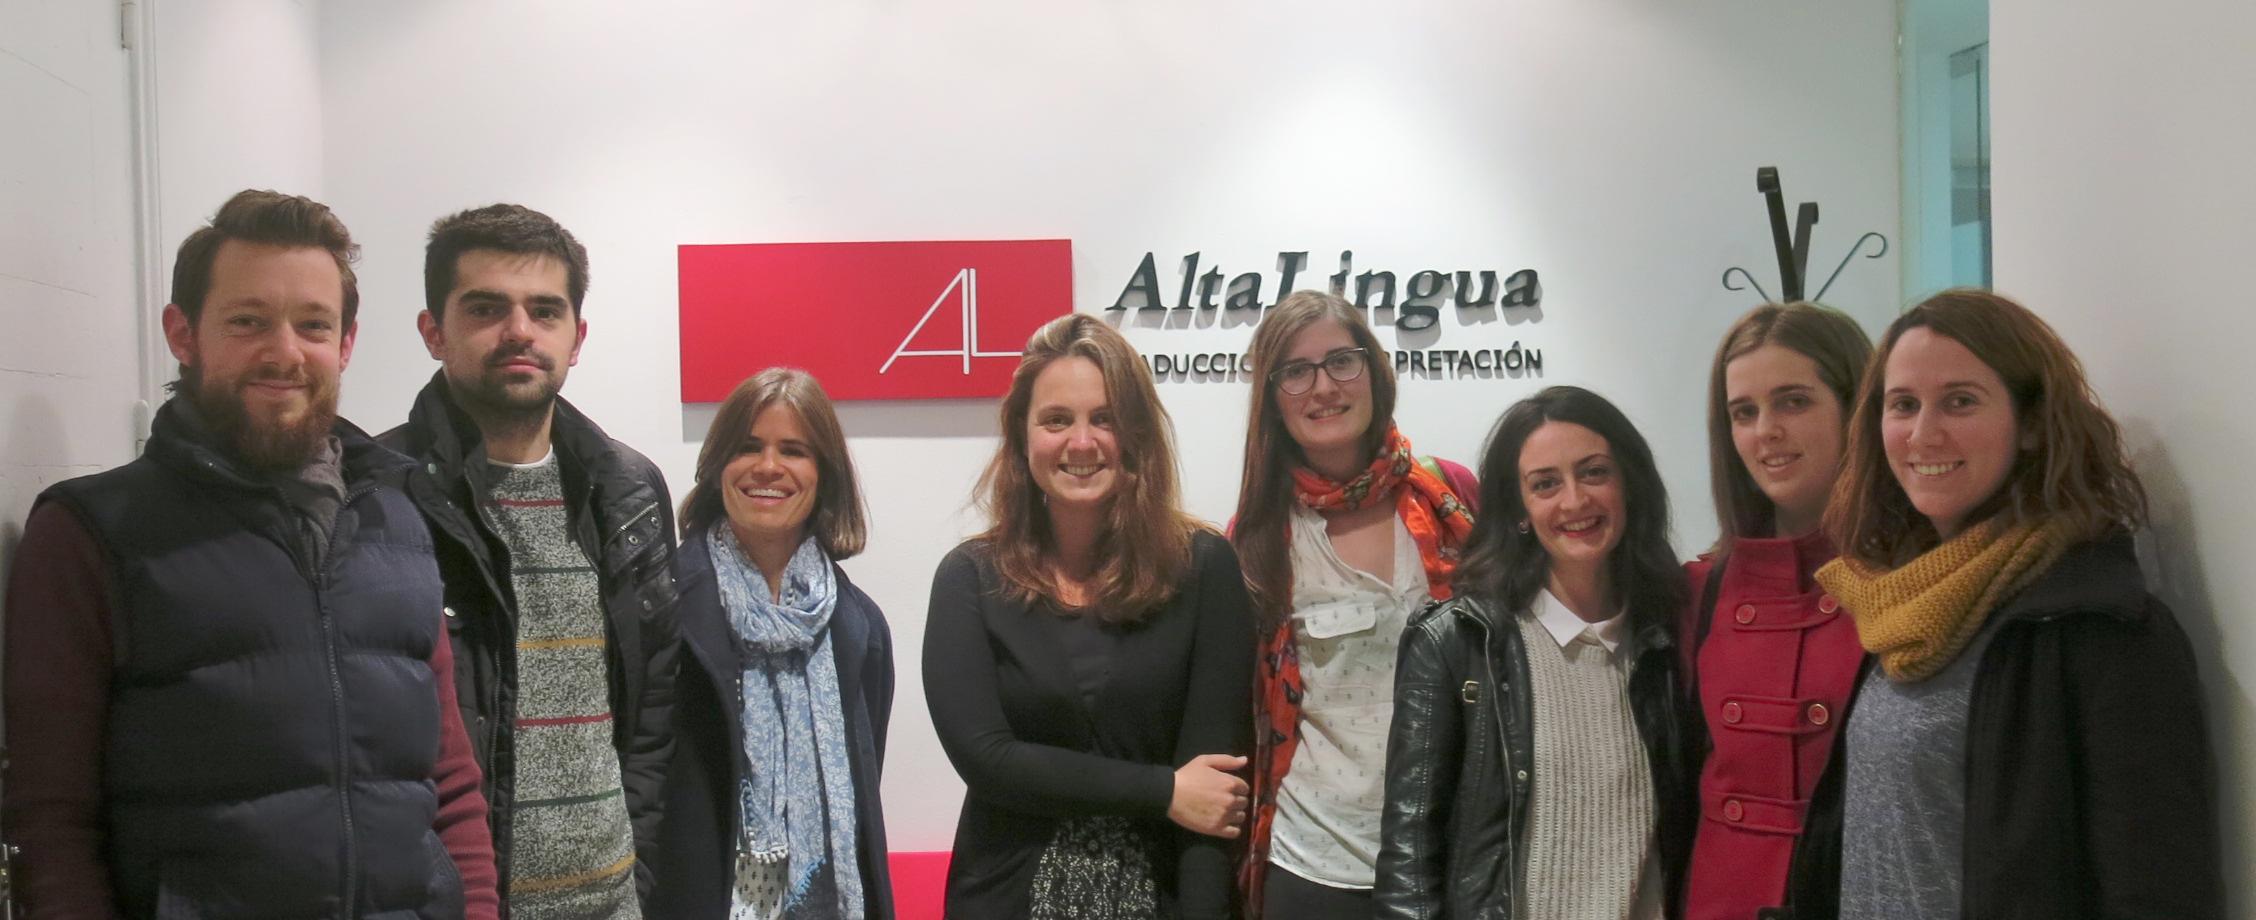 AltaLingua Academy: Gestión y calidad en la traducción.